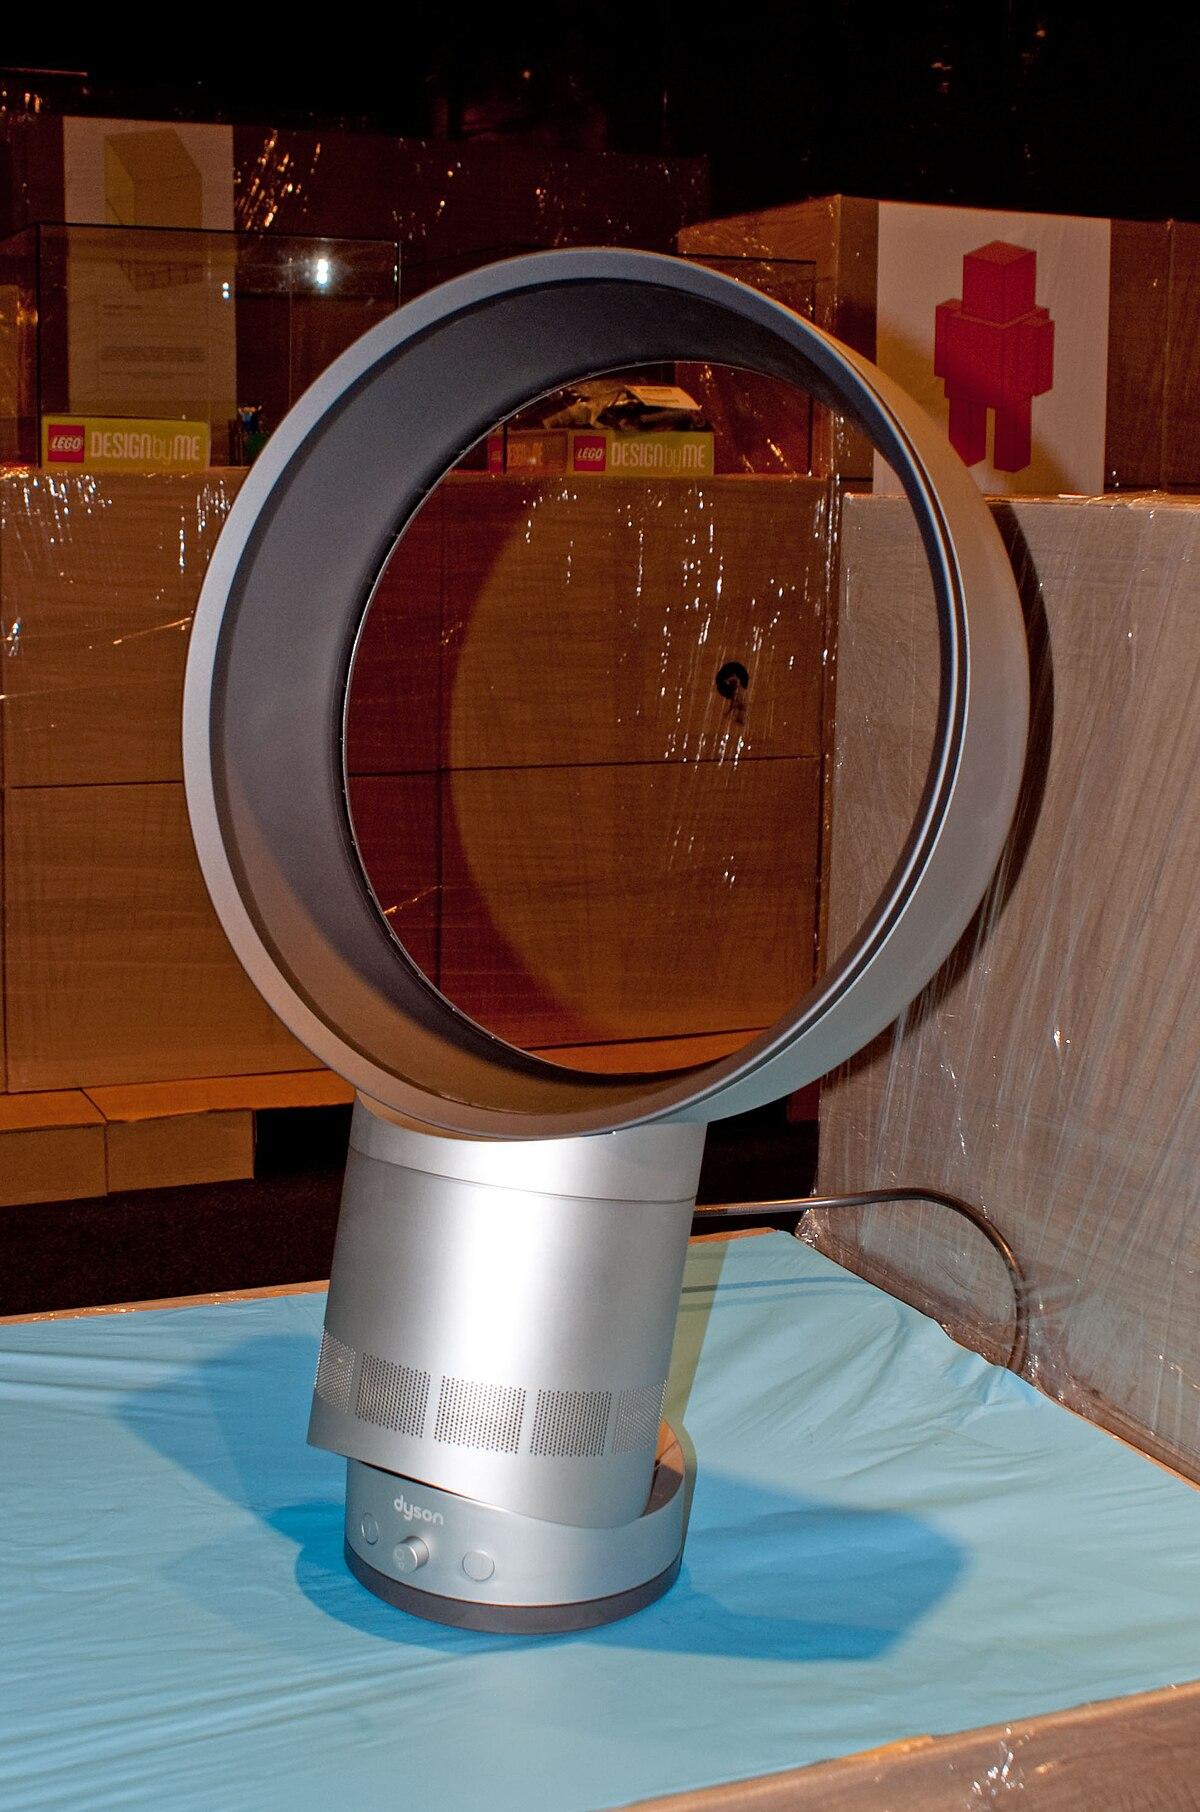 Schema Elettrico Ventilatore Velocità : Ventilatore senza pale wikipedia